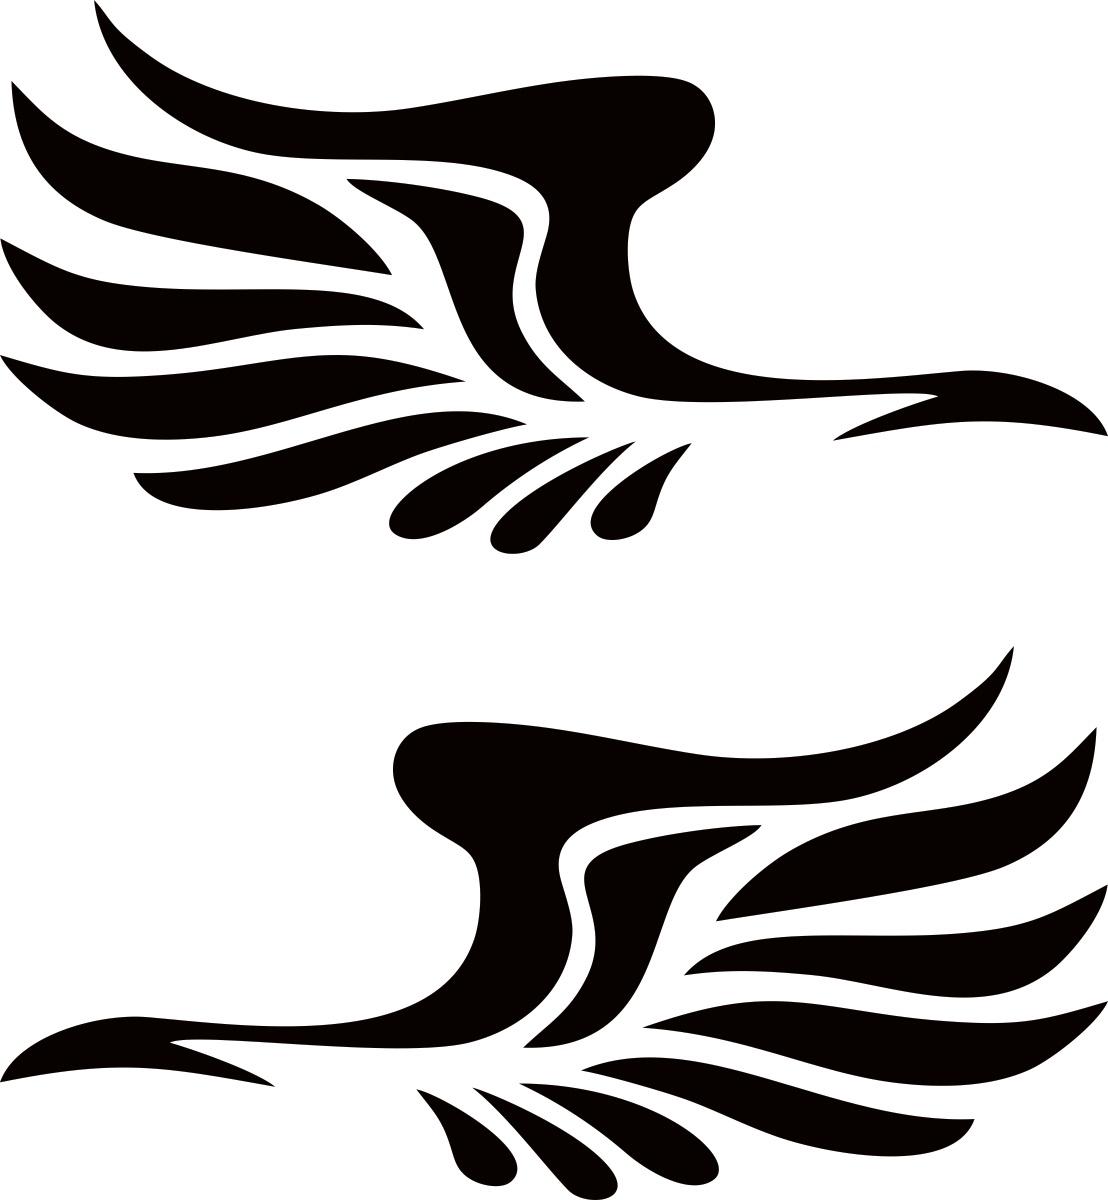 Фото - Наклейка ОранжевыйСлоник виниловая Крылья на зеркала для авто или интерьера, Винил авто